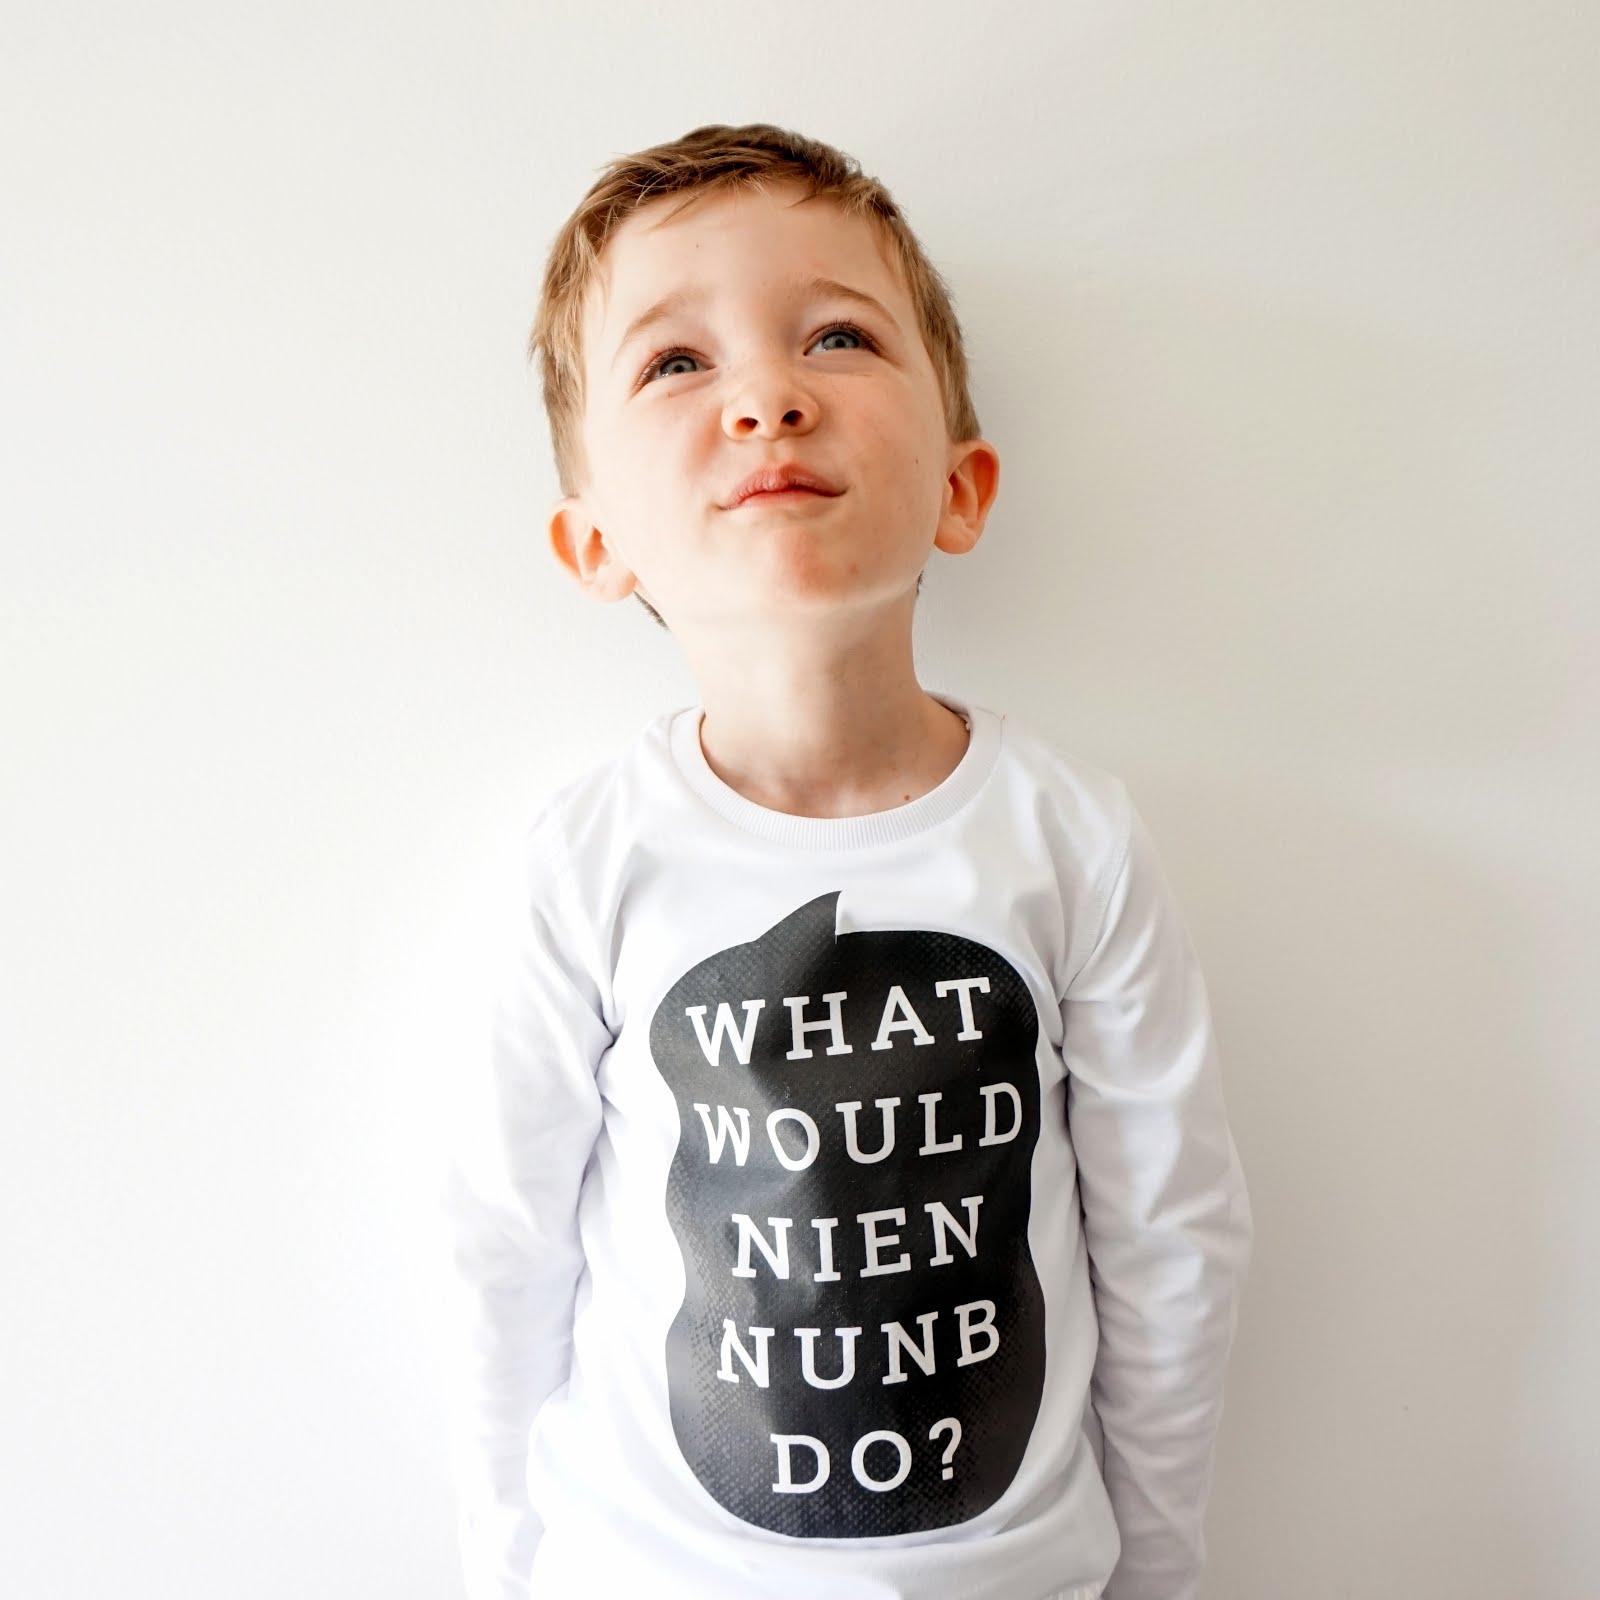 Star Wars Nien Nunb T-shirt print